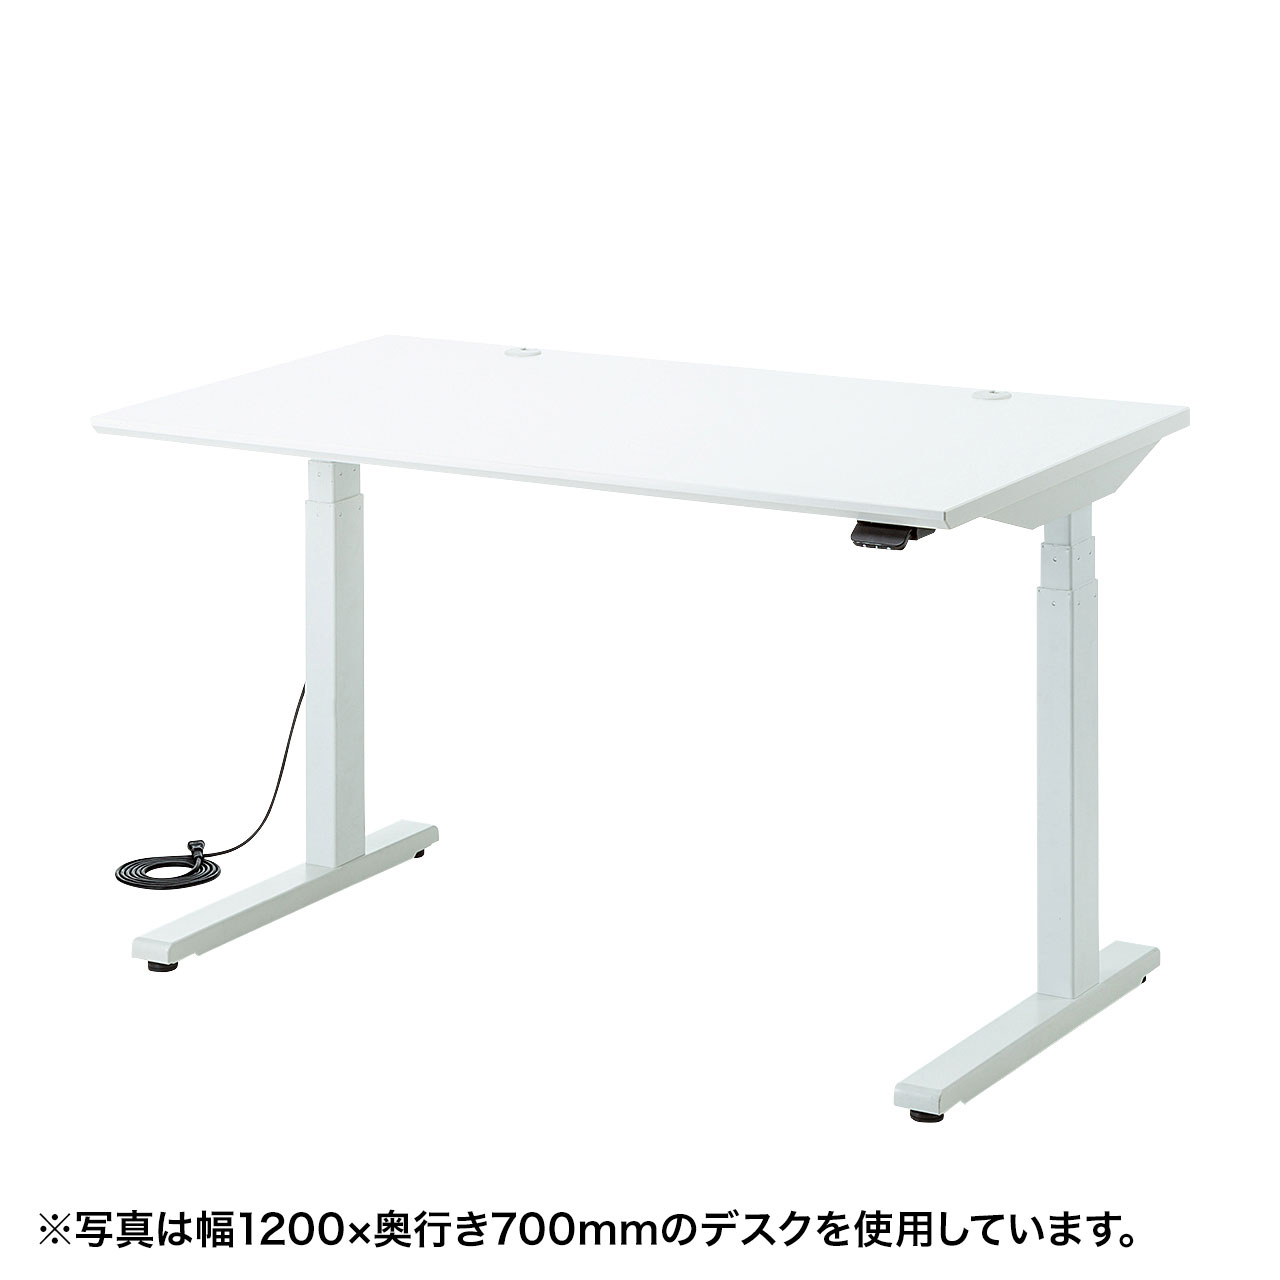 電動上下昇降デスク(W1400×D700mm・ホワイト)商品画像